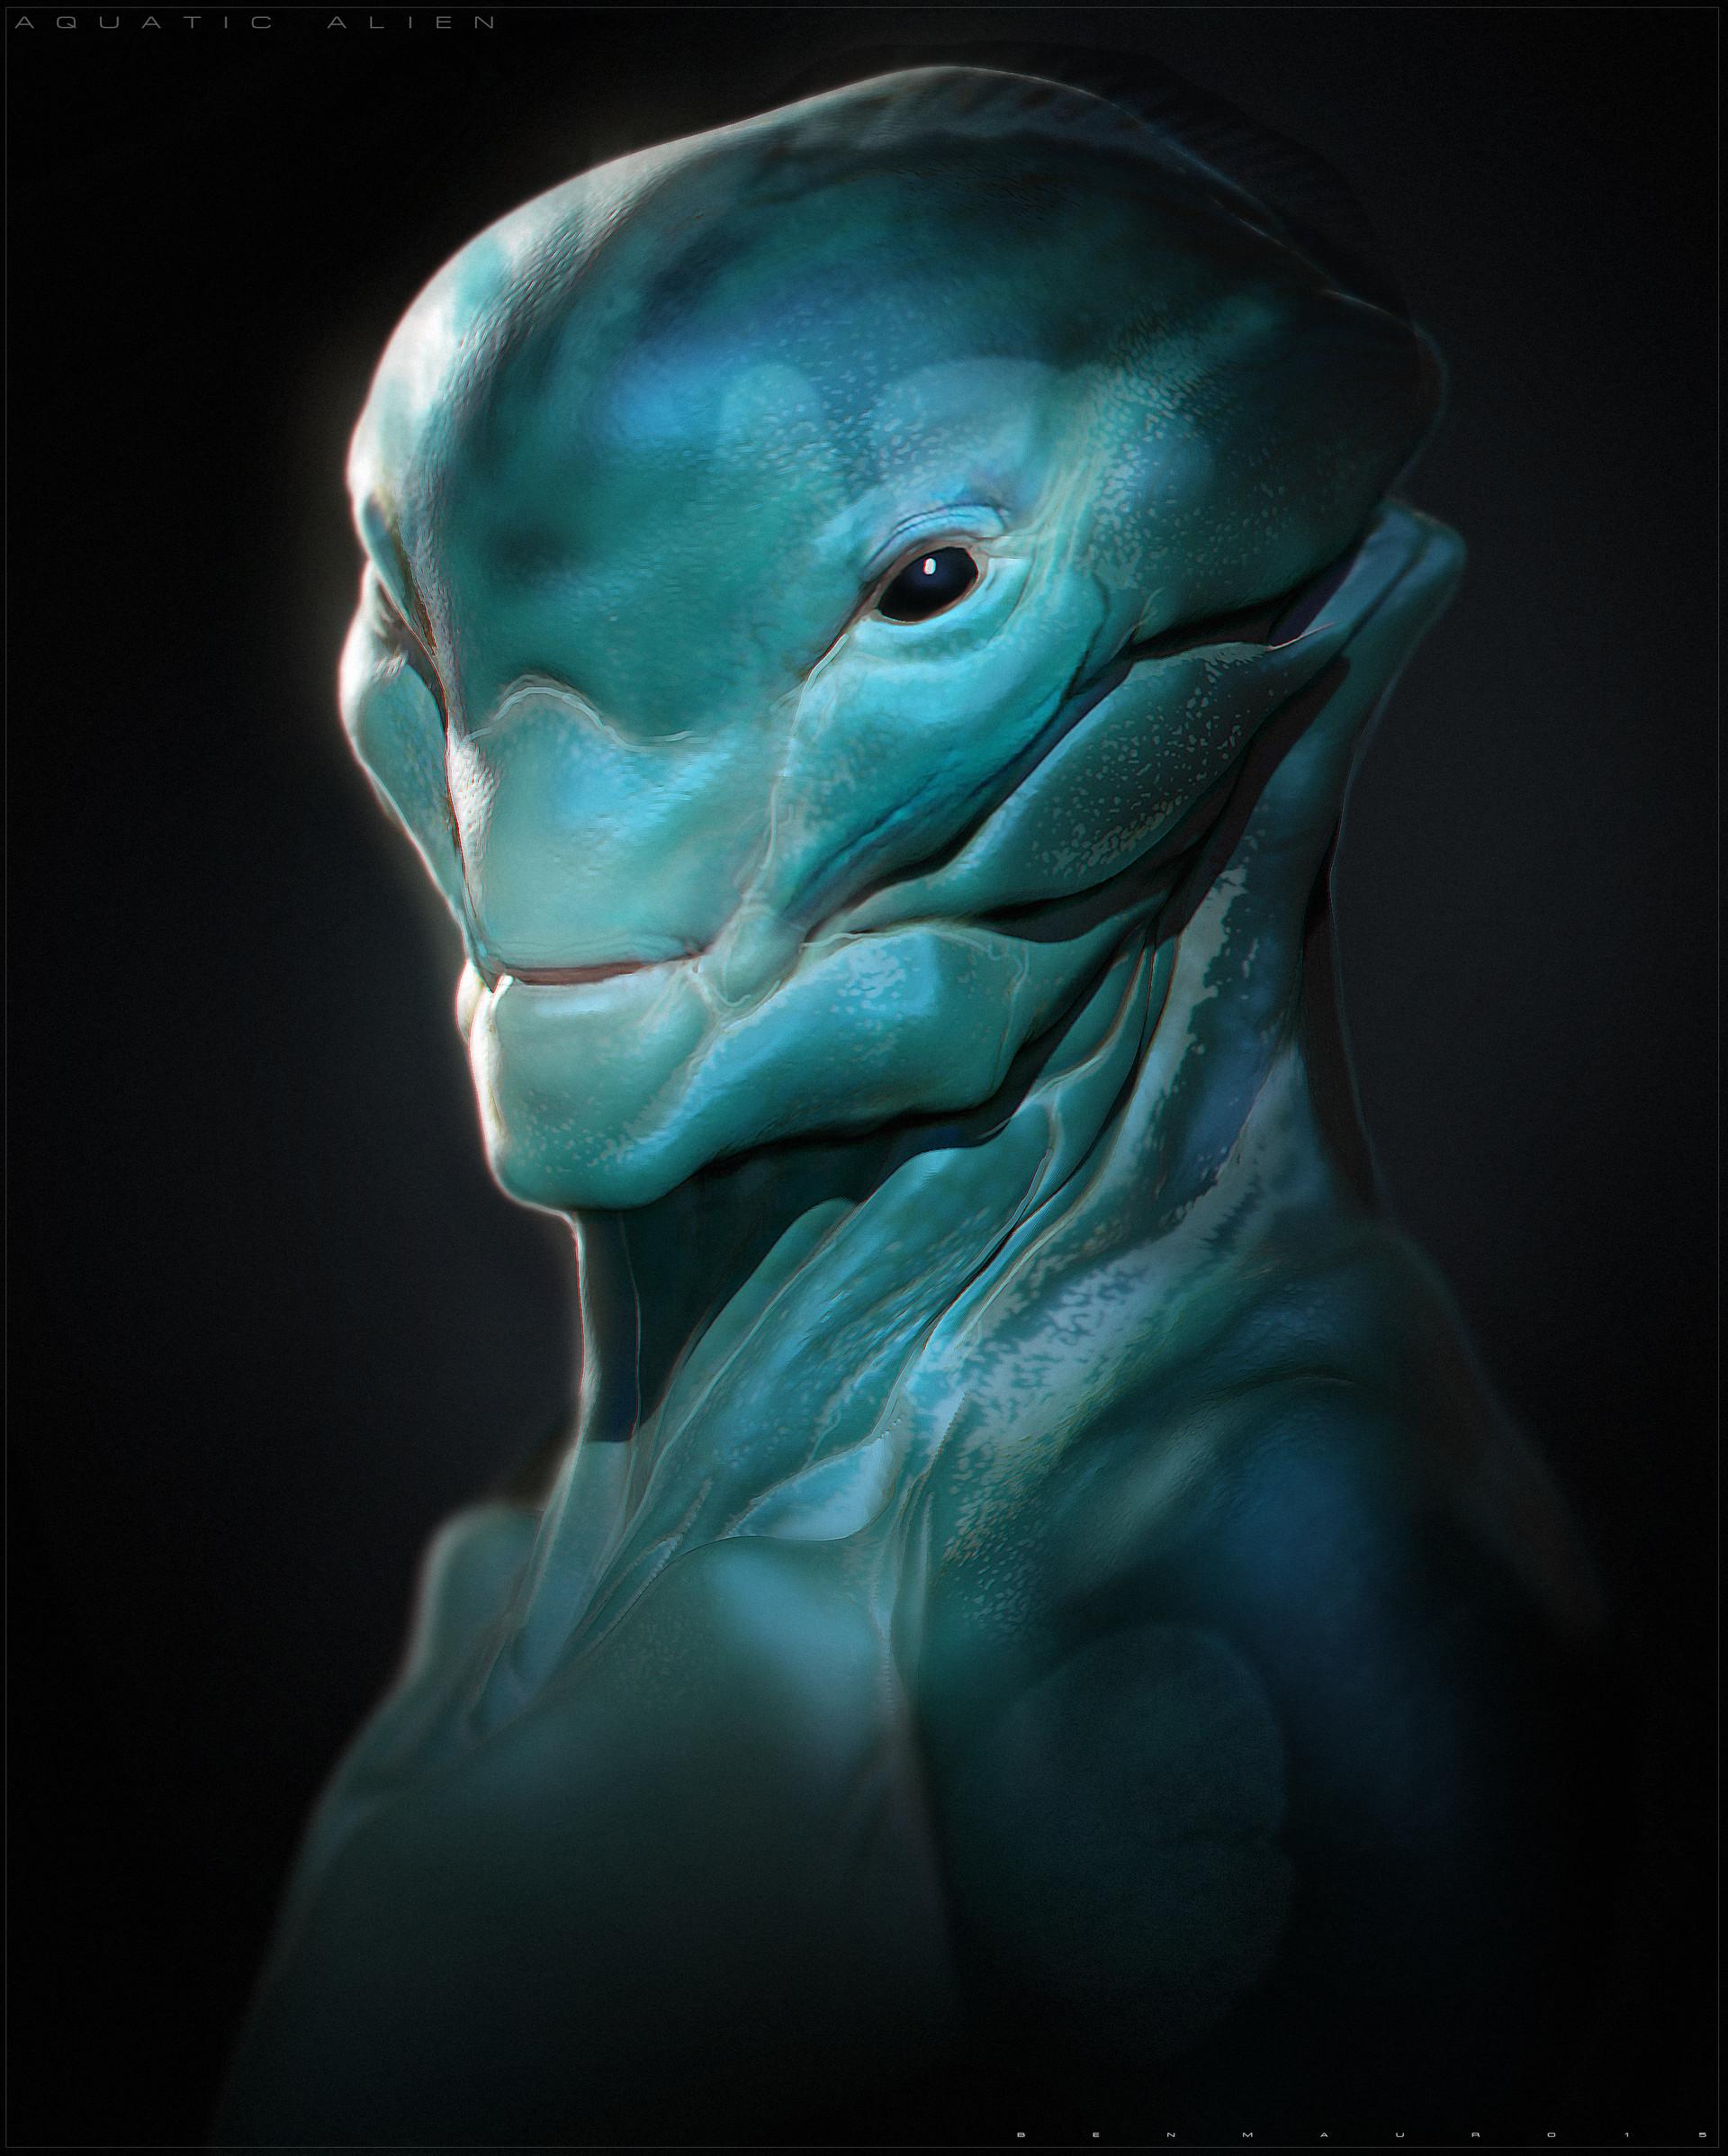 ben-mauro-aquatic-alien-01b-bm.jpg